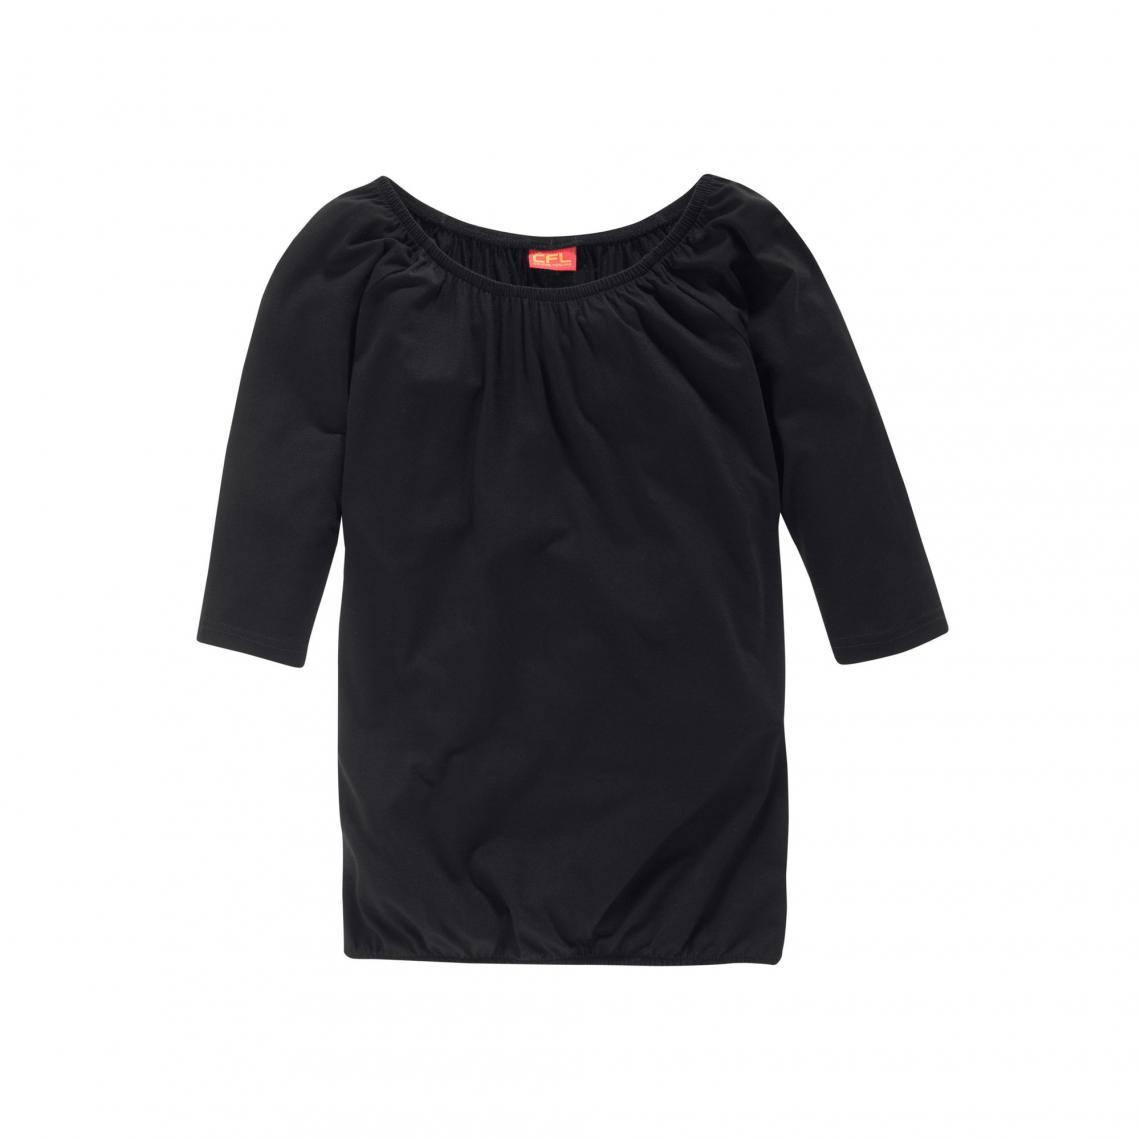 697b445f8b196 T-shirt manches ¾ chauve-souris fille CFL - Noir Colors For Life Enfant